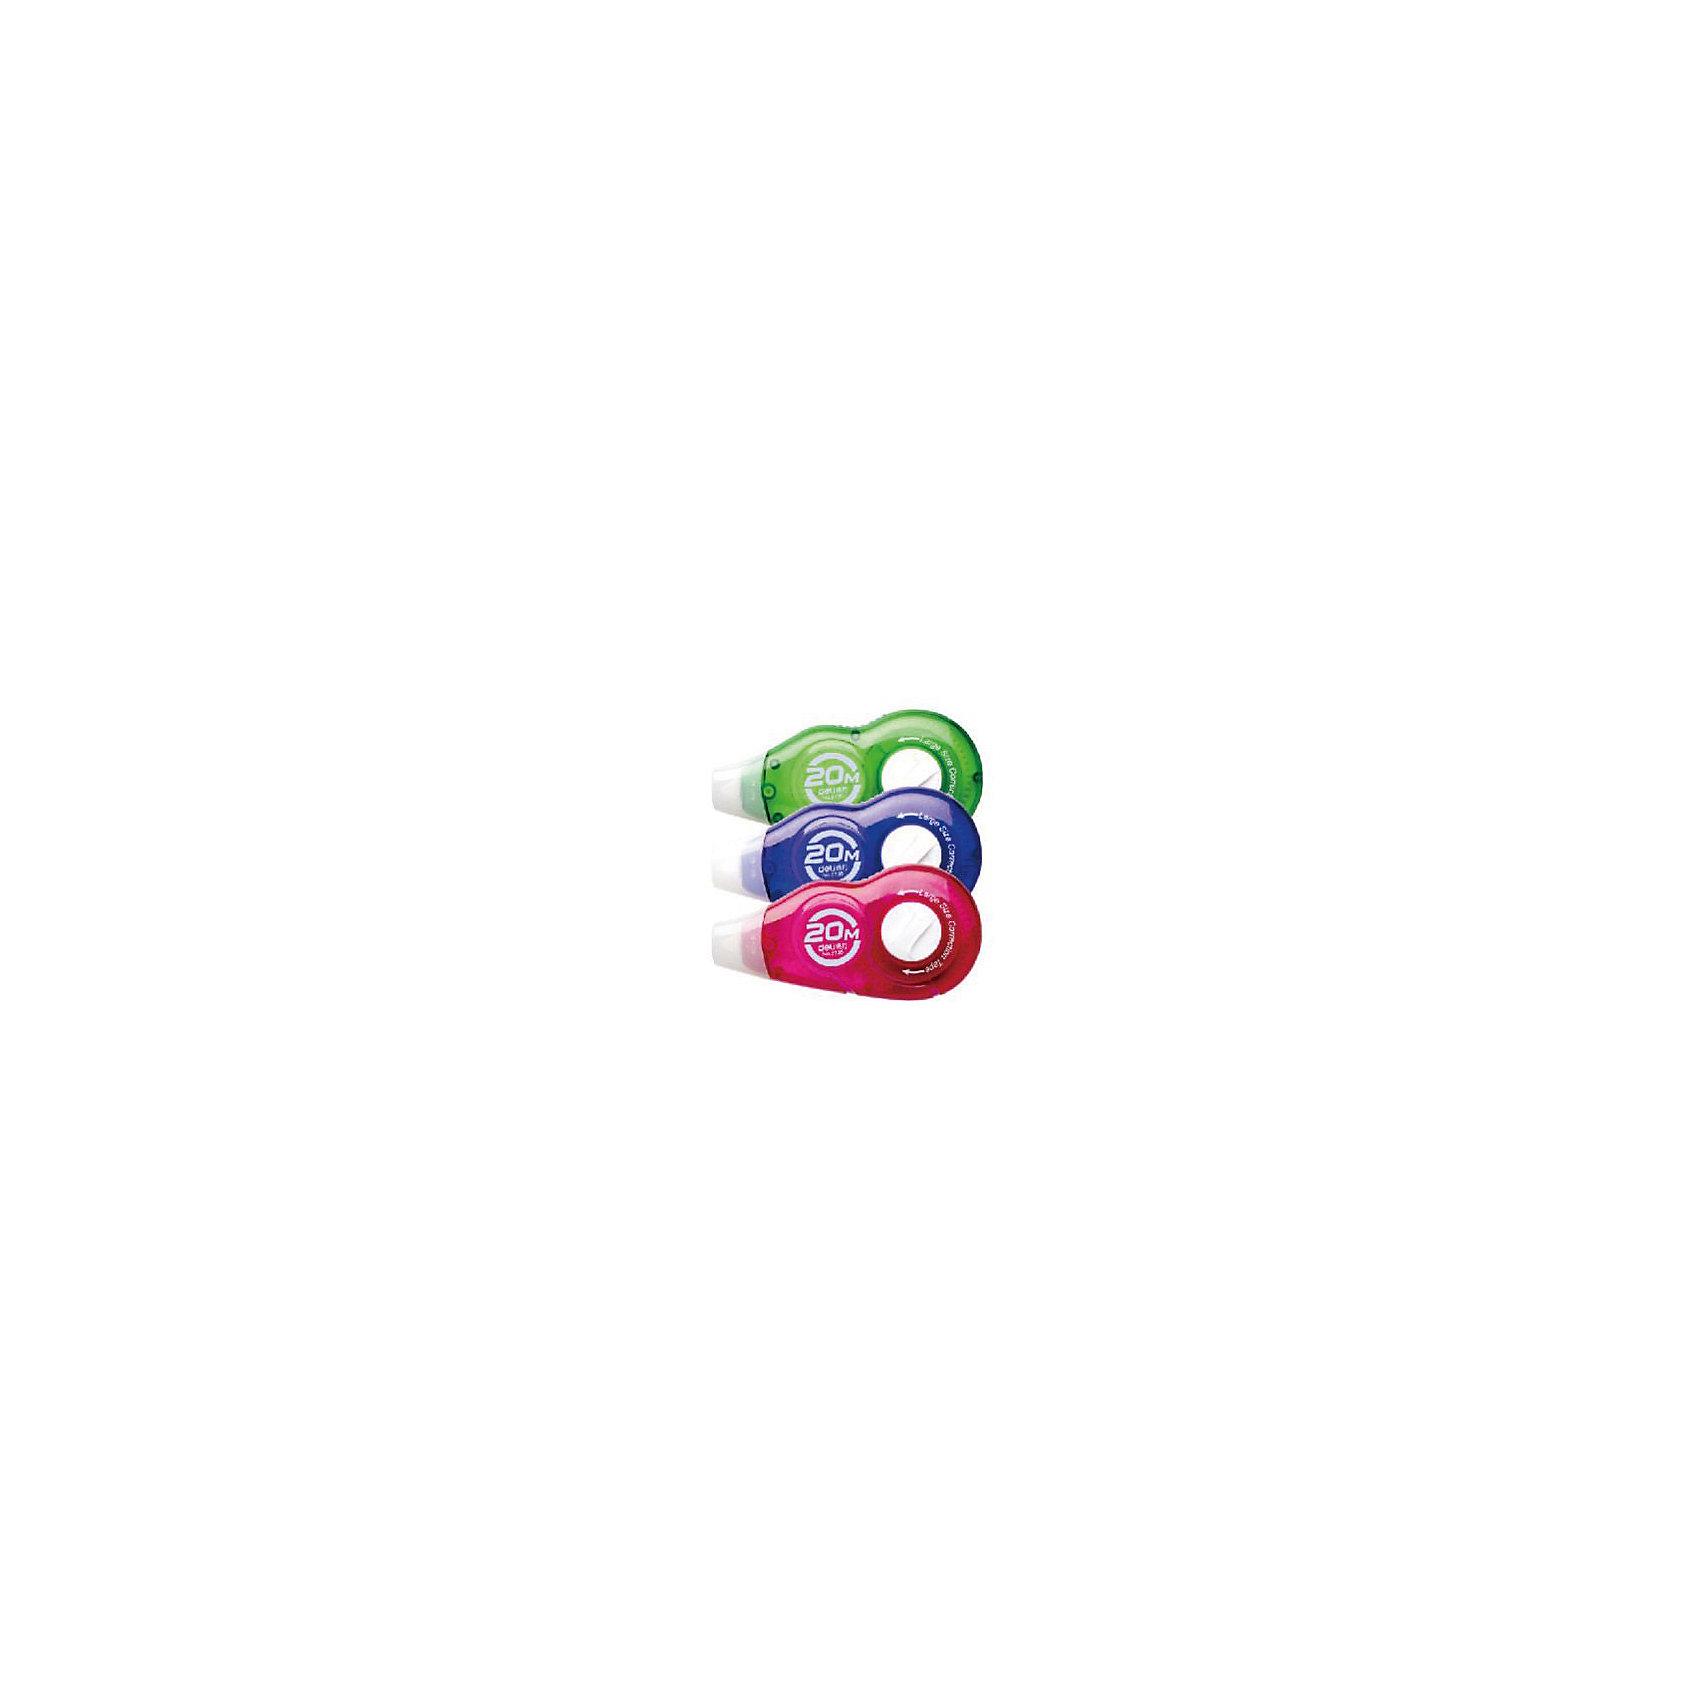 Deli Лента корректирующая 20мх5мм, цвета корпуса в ассортиментеШкольные аксессуары<br>Корректирующая лента в пластиковом корпусе с колпачком. Длина ленты 20 метров, ширина 5 мм. Лента устойчива к разрывам, корректирующий слой равномерно наносится, быстро сохнет. Есть возможность ручной подкрутки ленты.<br><br>Ширина мм: 125<br>Глубина мм: 80<br>Высота мм: 20<br>Вес г: 12<br>Возраст от месяцев: 36<br>Возраст до месяцев: 2147483647<br>Пол: Унисекс<br>Возраст: Детский<br>SKU: 6725459